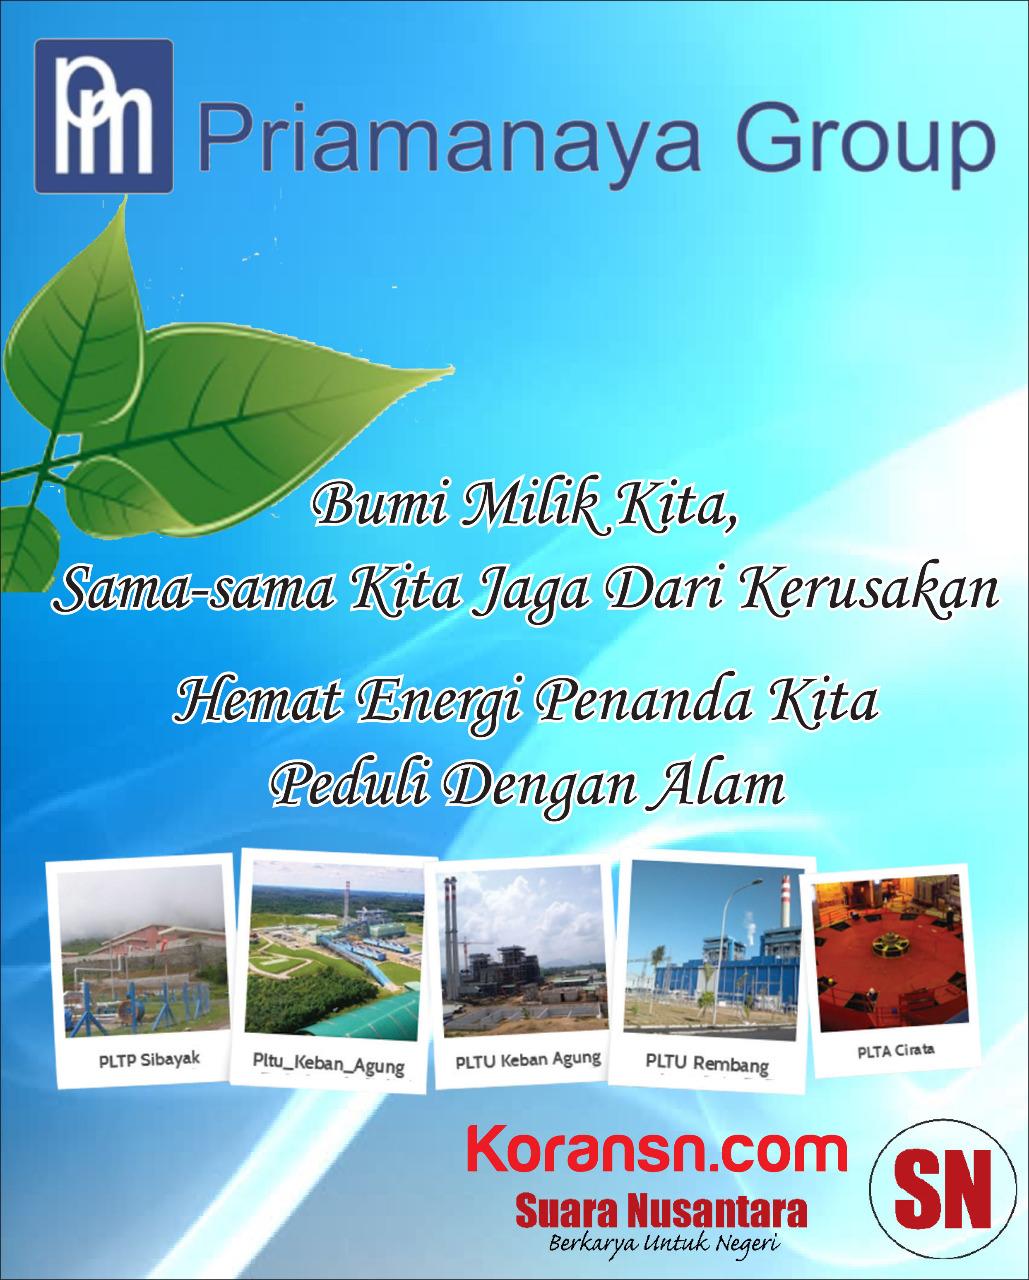 Banner Iklan Priamanaya Group